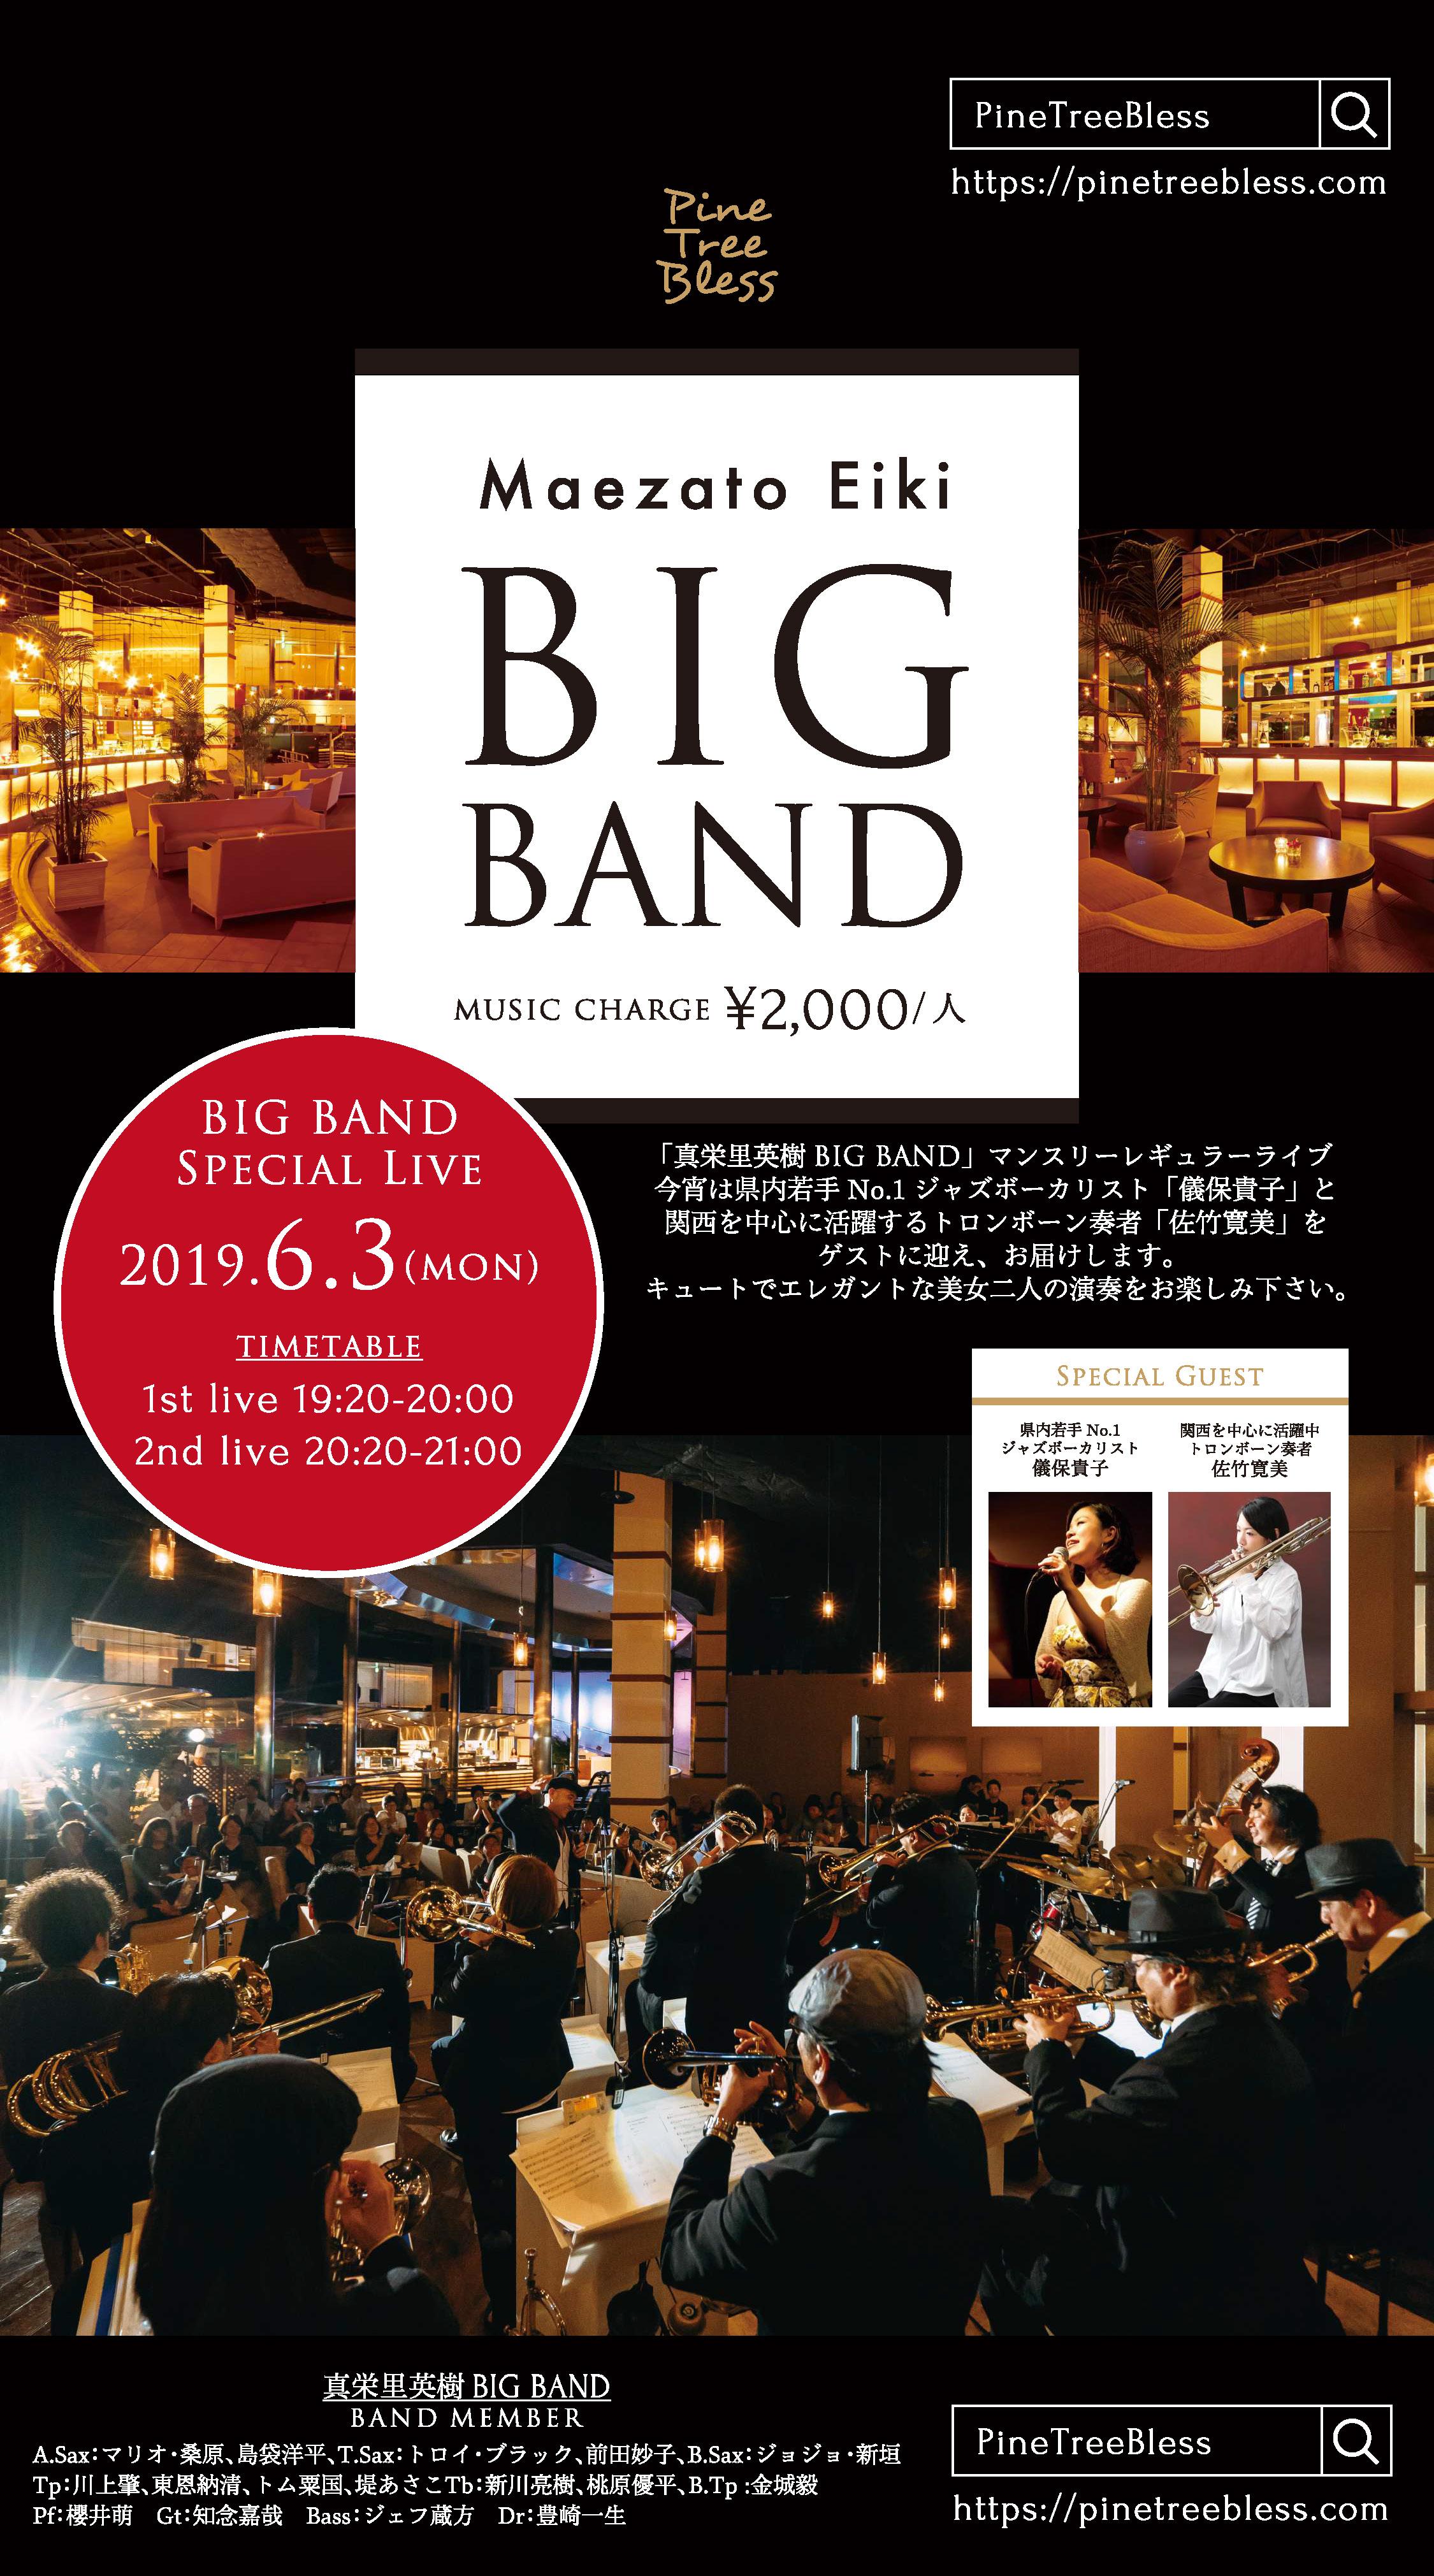 bigband_live20190603